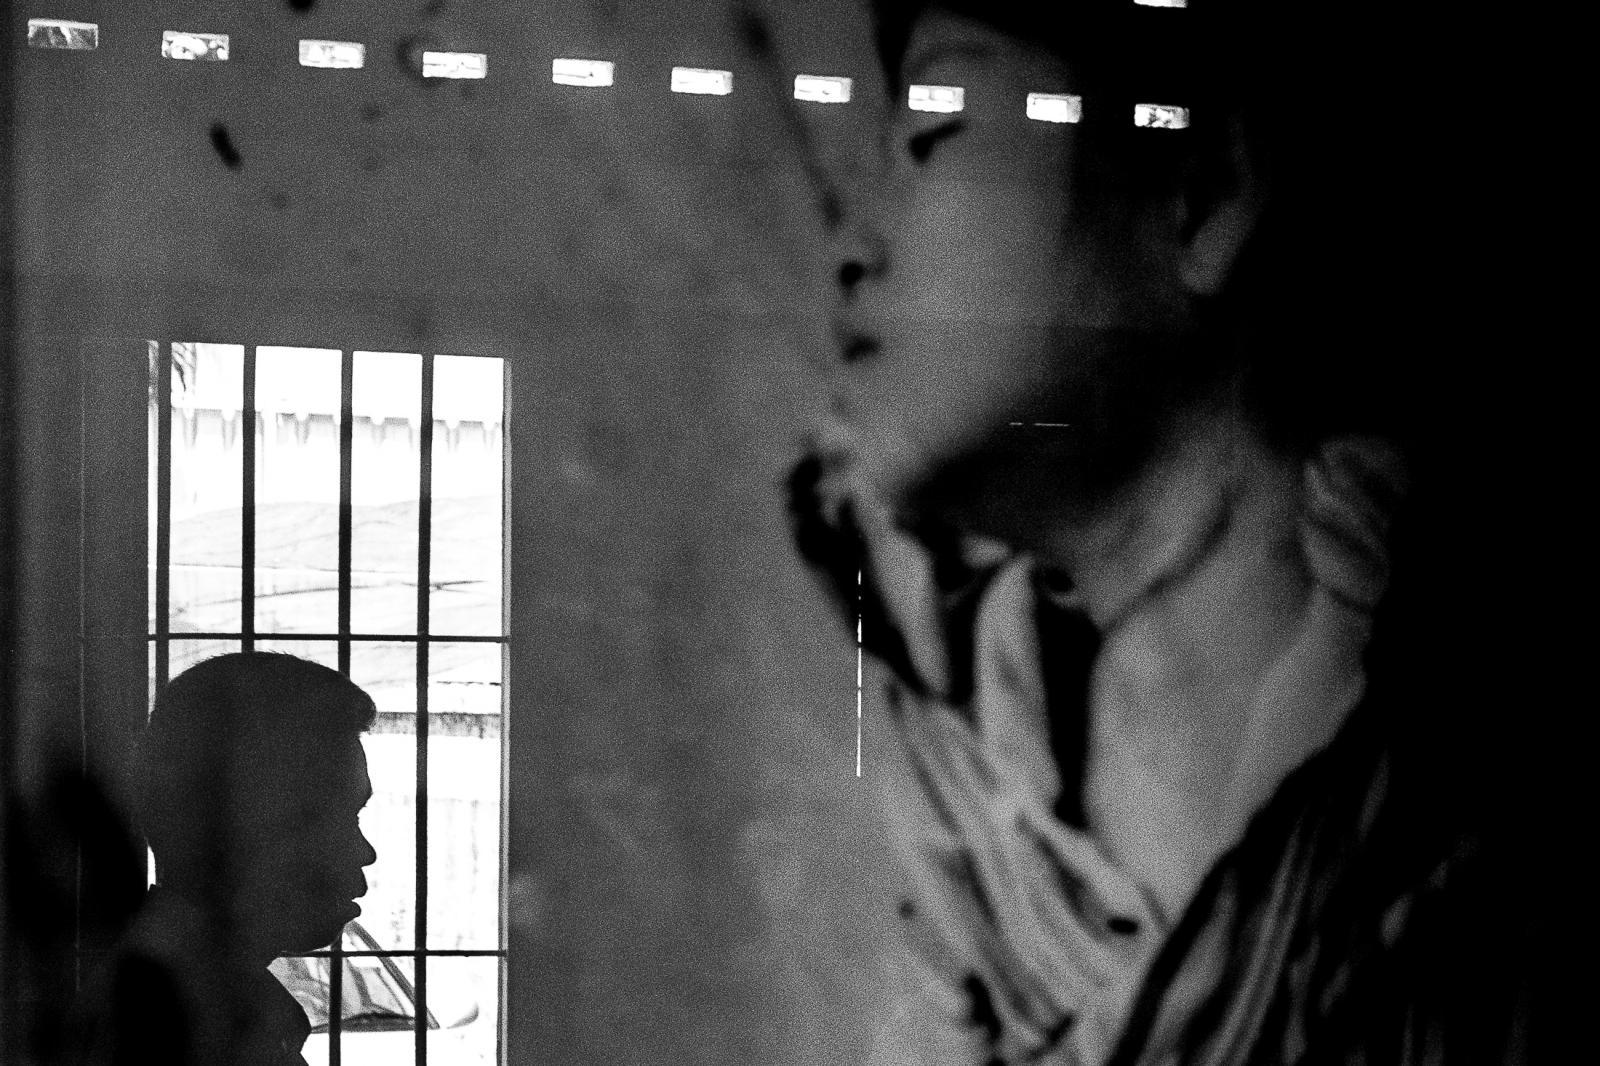 Photography image - Loading 002_Khmer-Rouge-Tribunal-Cambodia-Omar-Havana.jpg